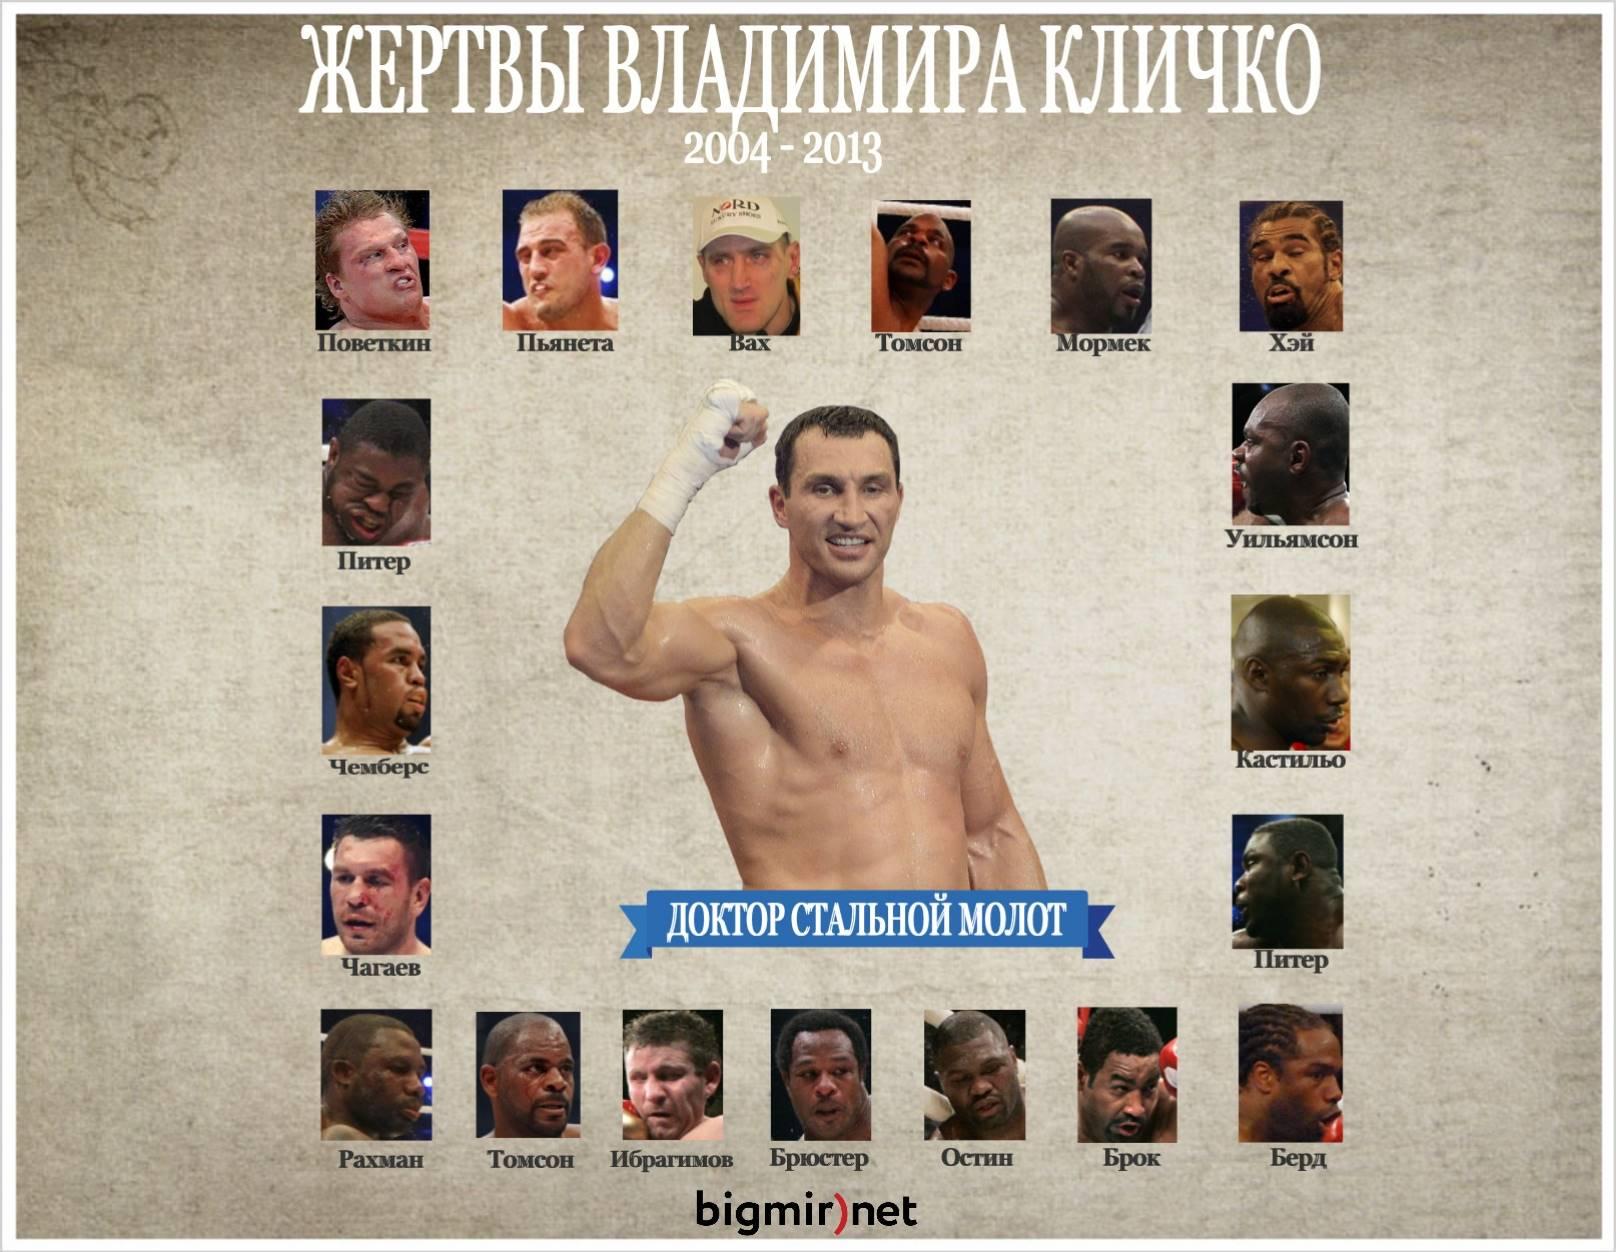 Все 19 потерпевших Владимира Кличко пор победной серии (ФОТО)